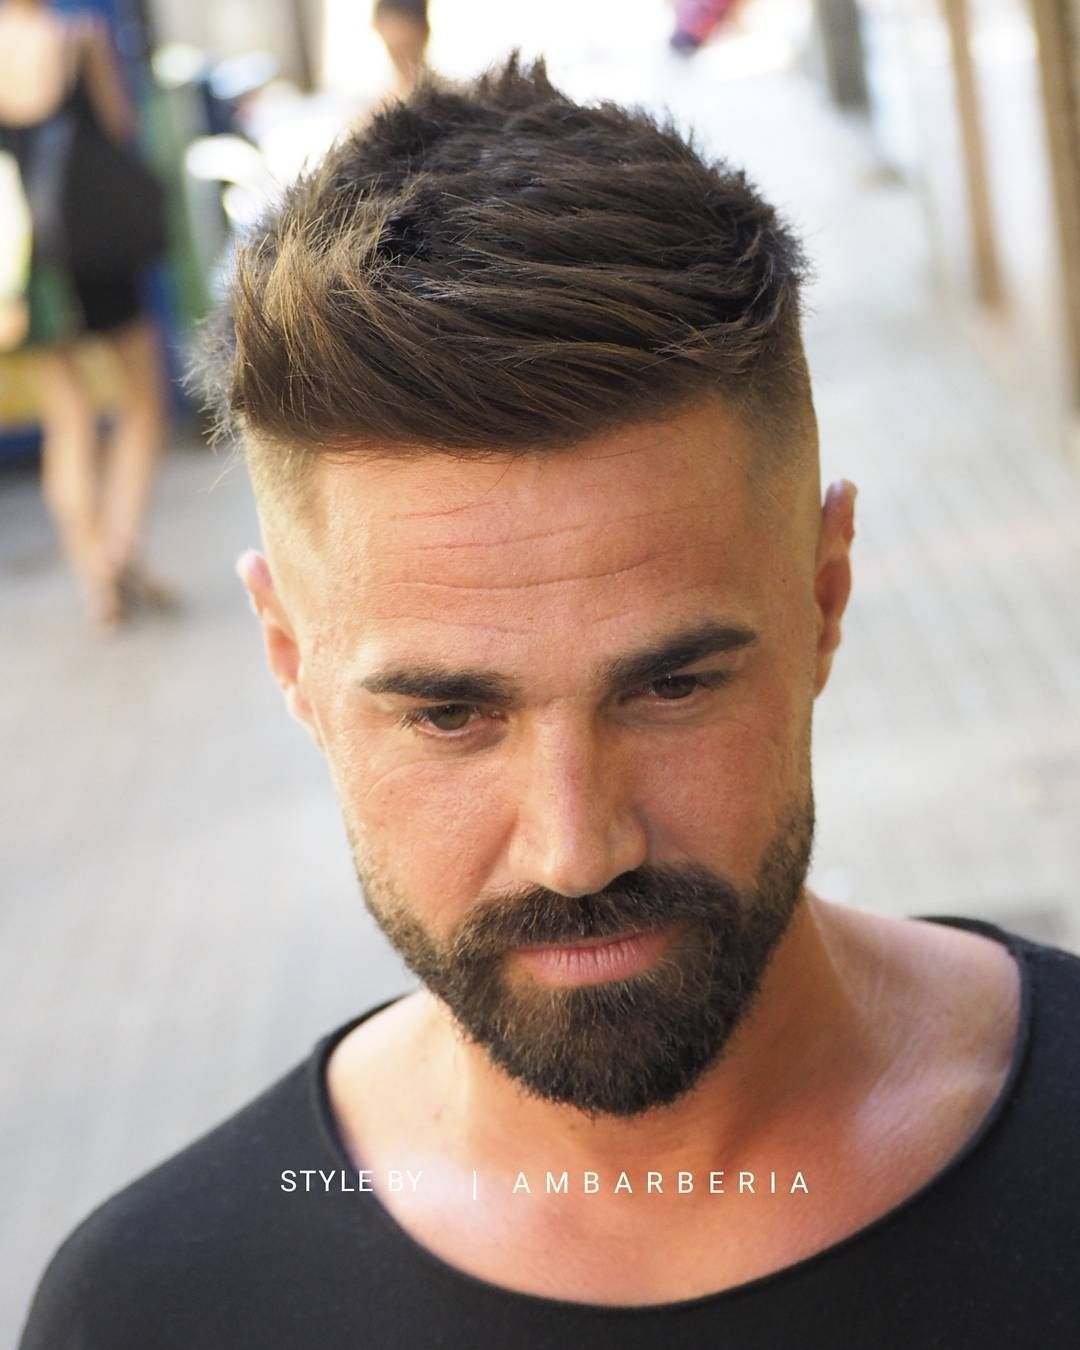 men's hairstyles & beards (@ambarberia) • fotos y vídeos de